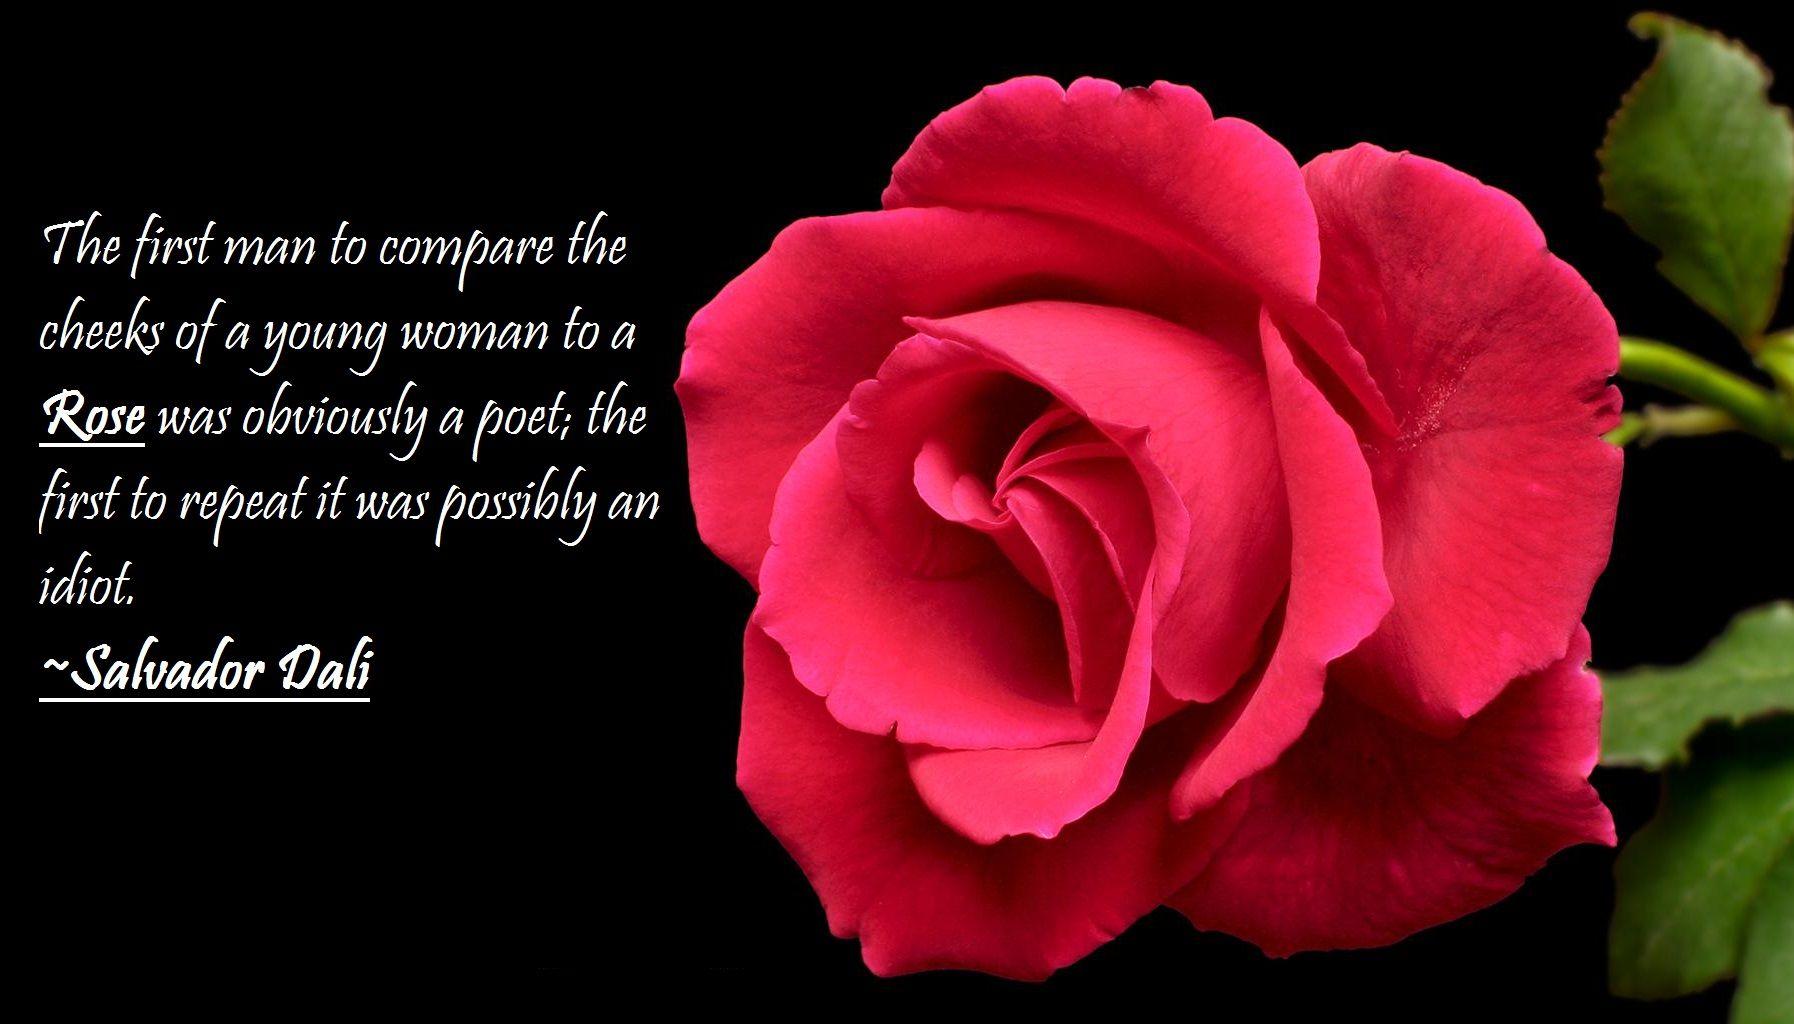 rosepicsandquotes7.jpg 1,794×1,024 pixels Rose